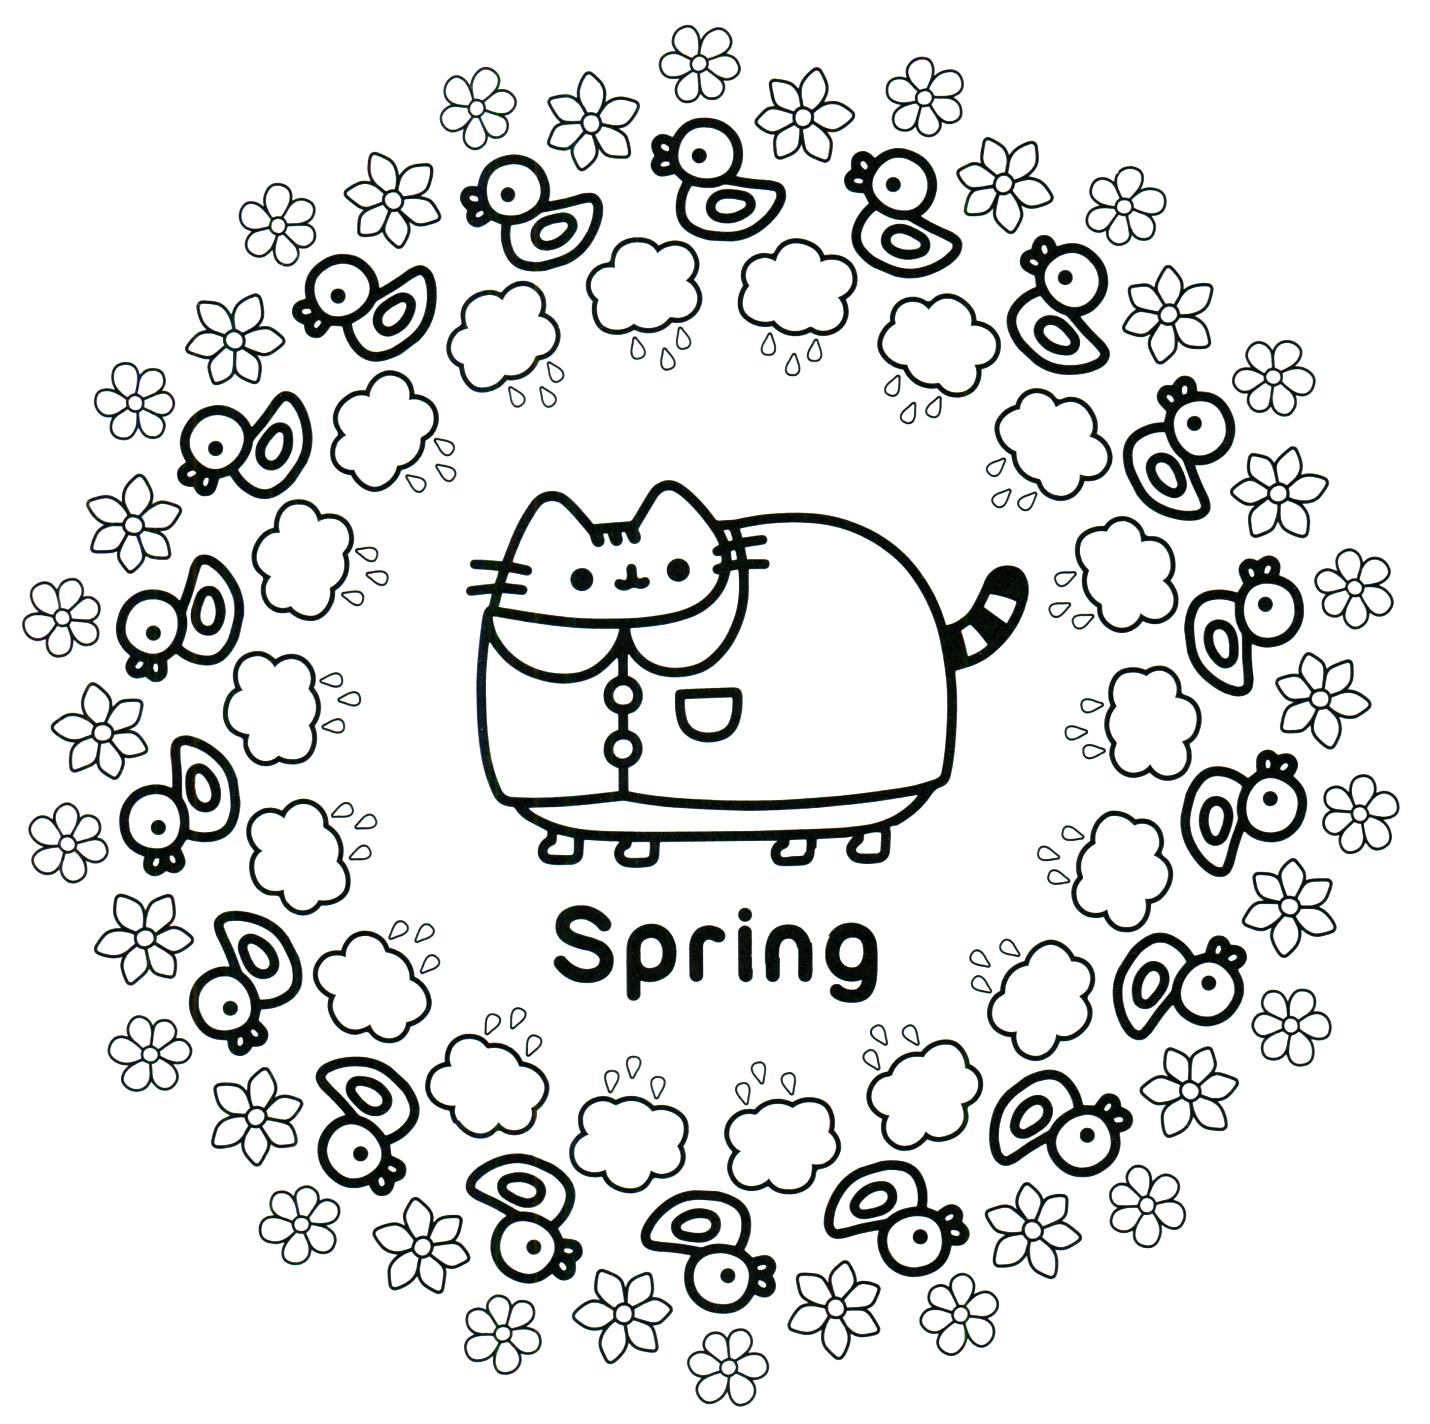 Pusheen Coloring Book Pusheen Pusheen the Cat | Color my world ...